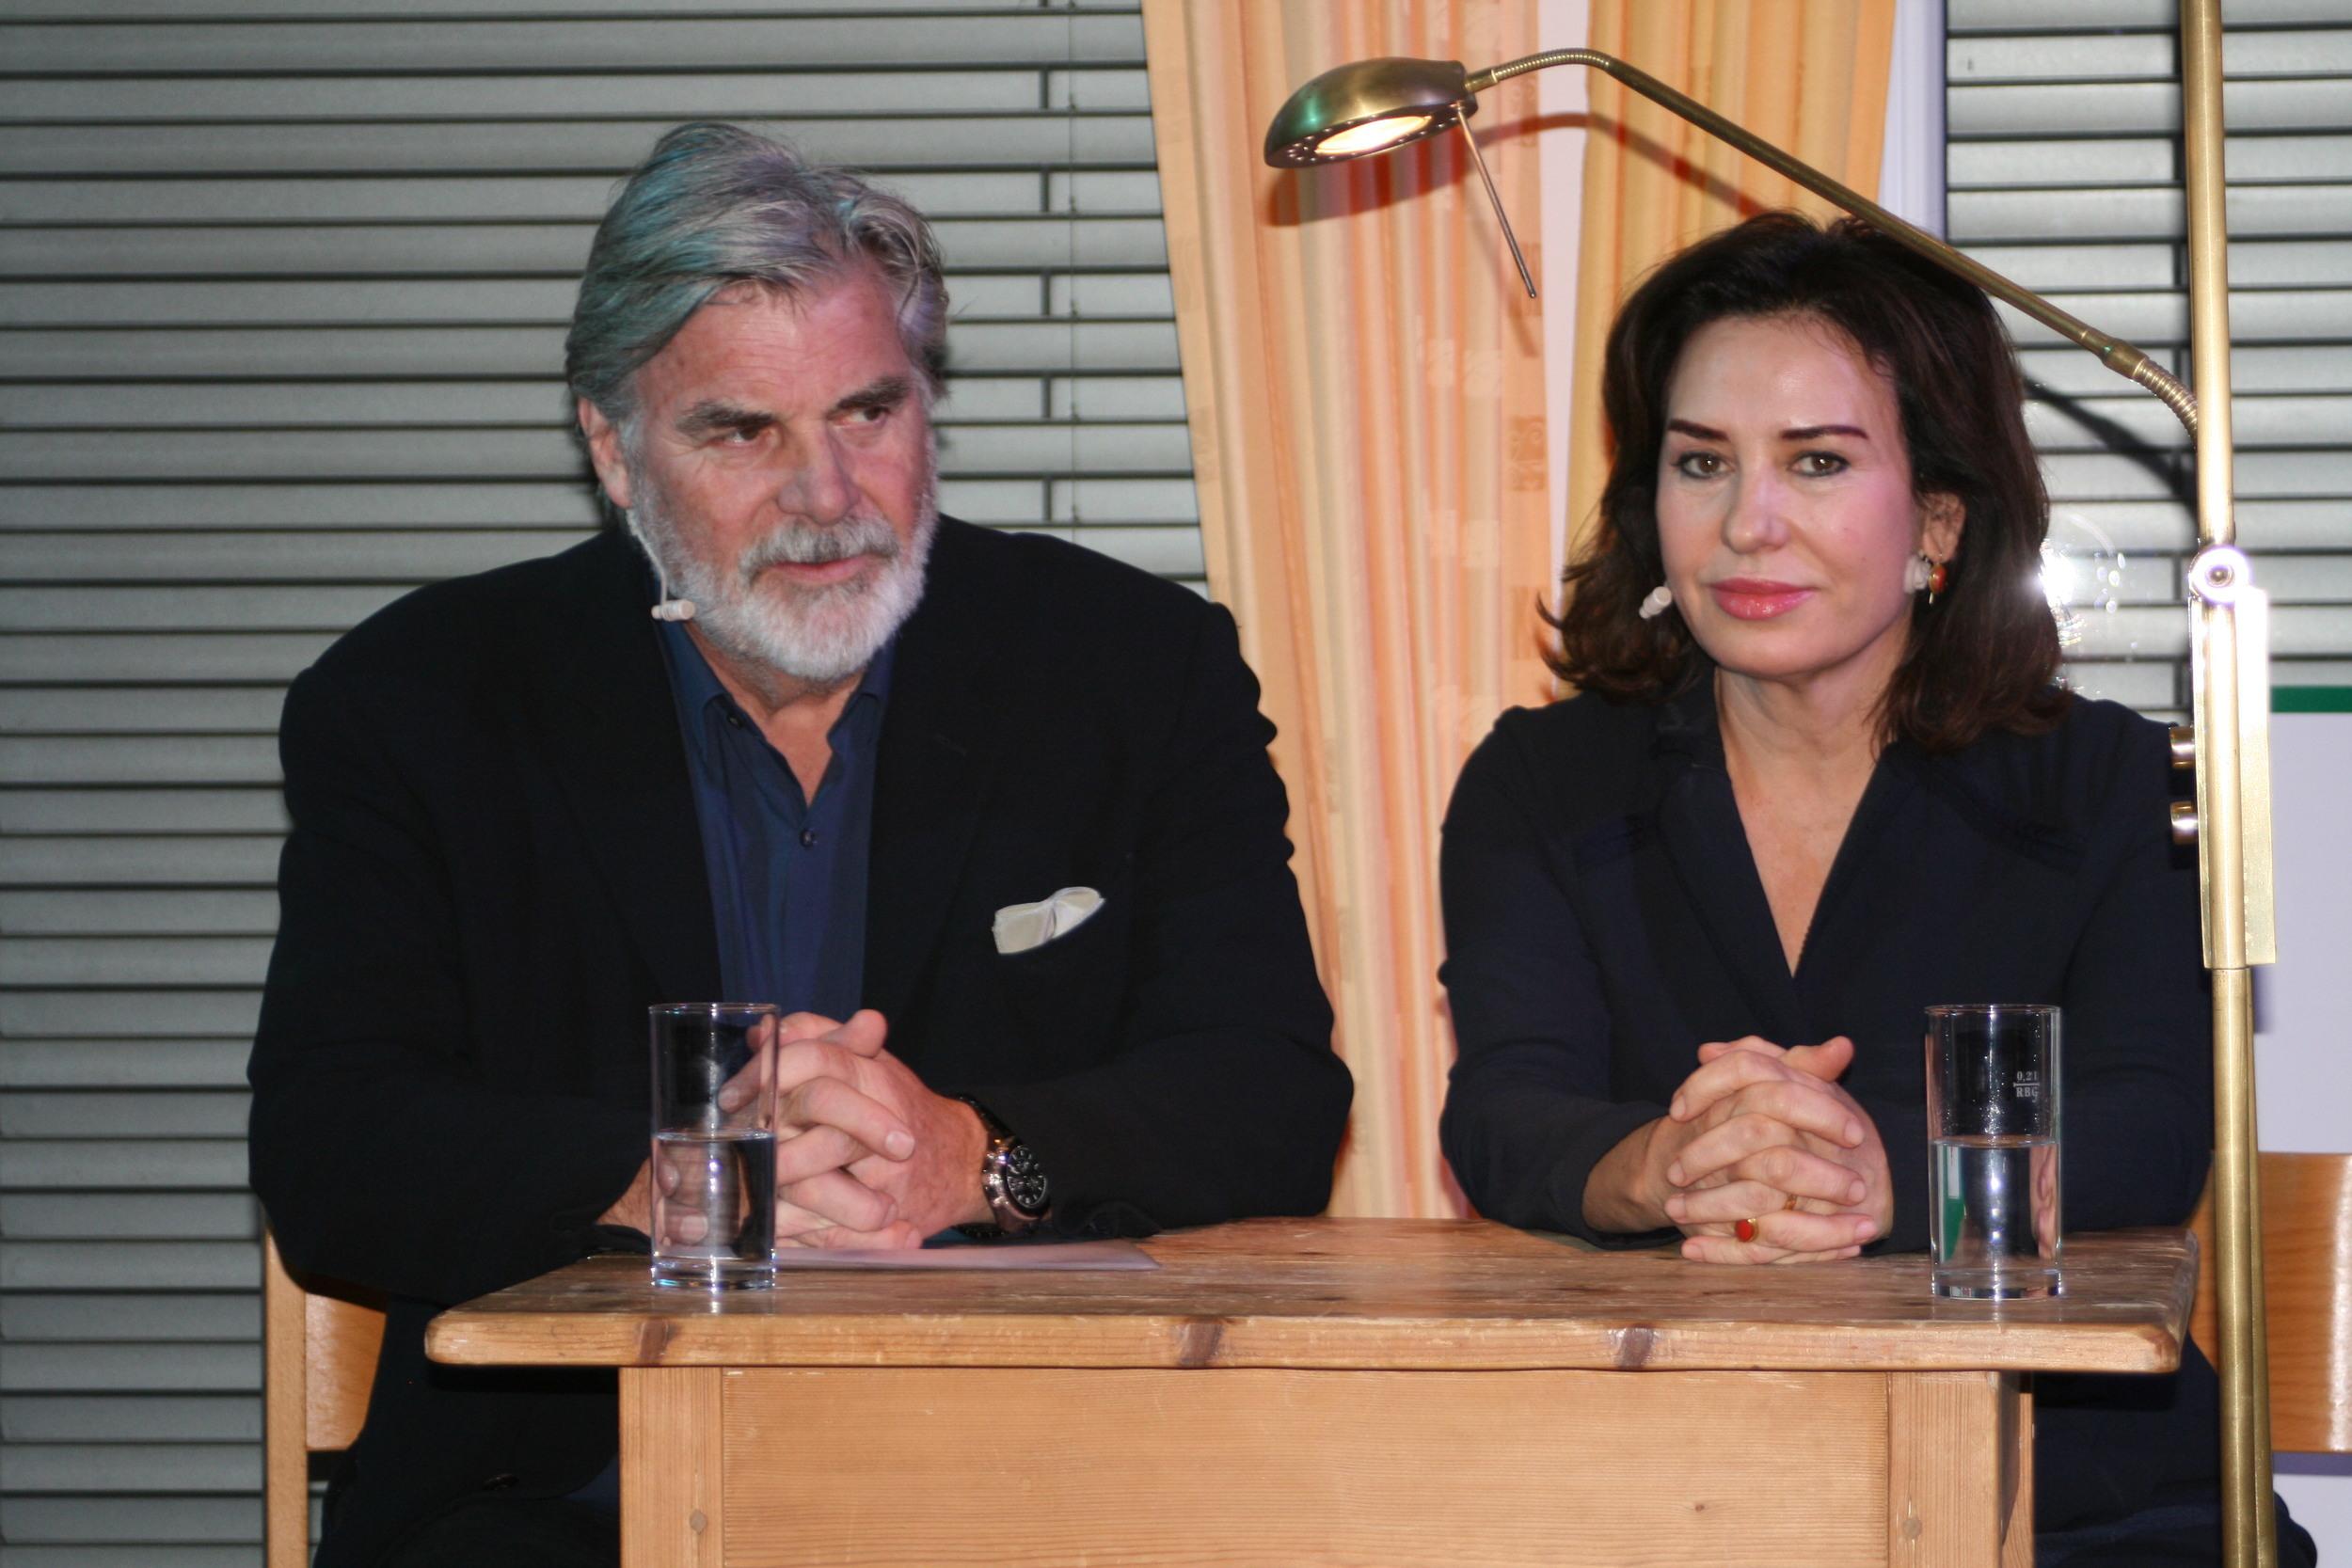 Buchpräsentation, Brigitte Karner, Peter Simonischek - Wortschatz 2012 Literaturwettbewerb